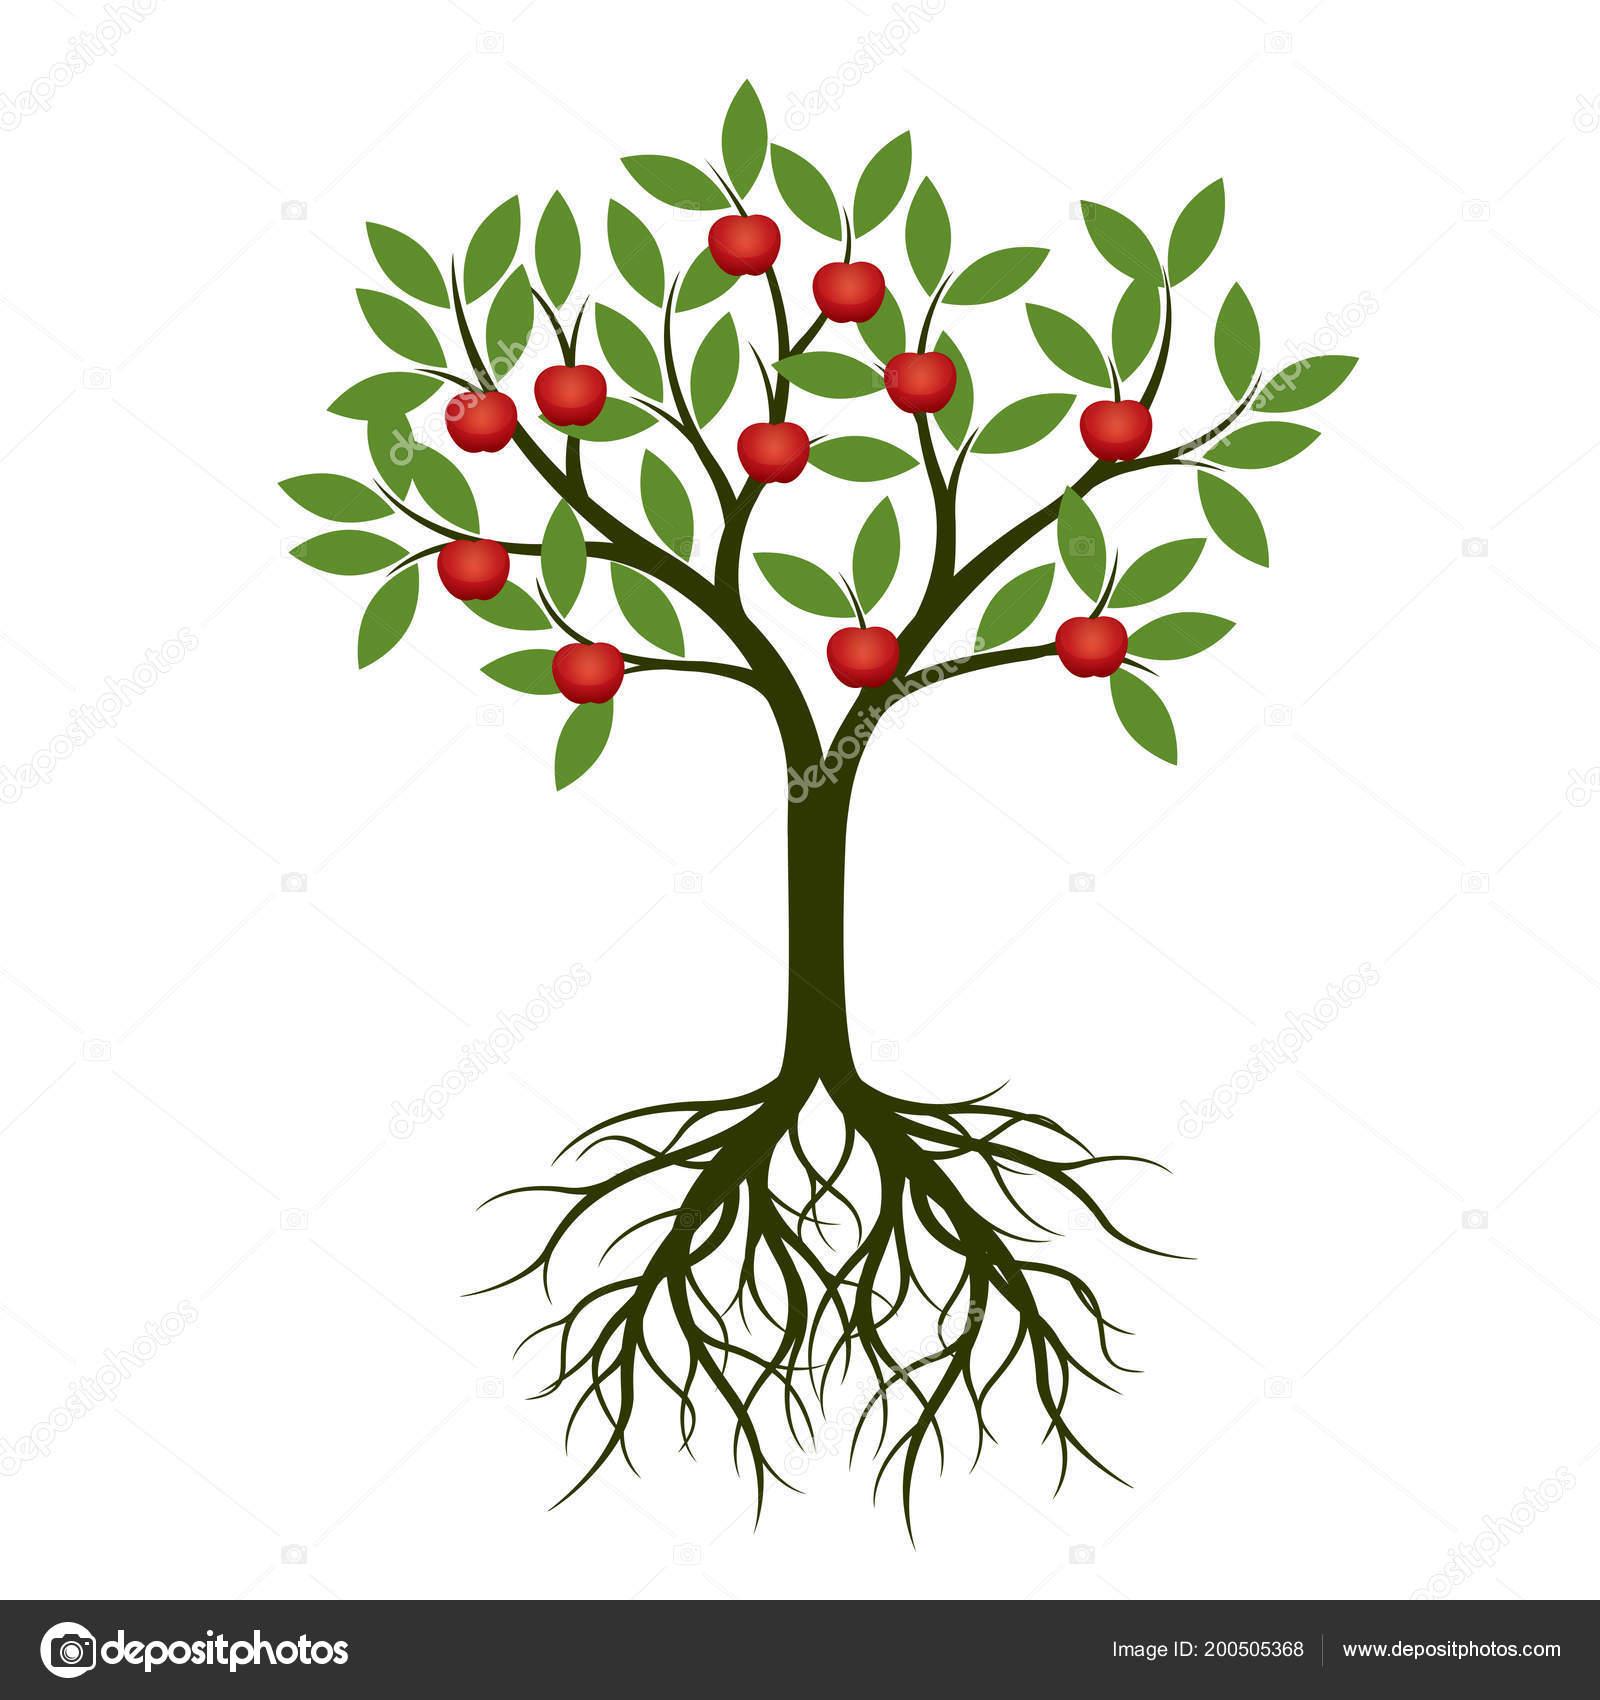 verde Árbol con raíz frutas manzana roja ilustración vector planta